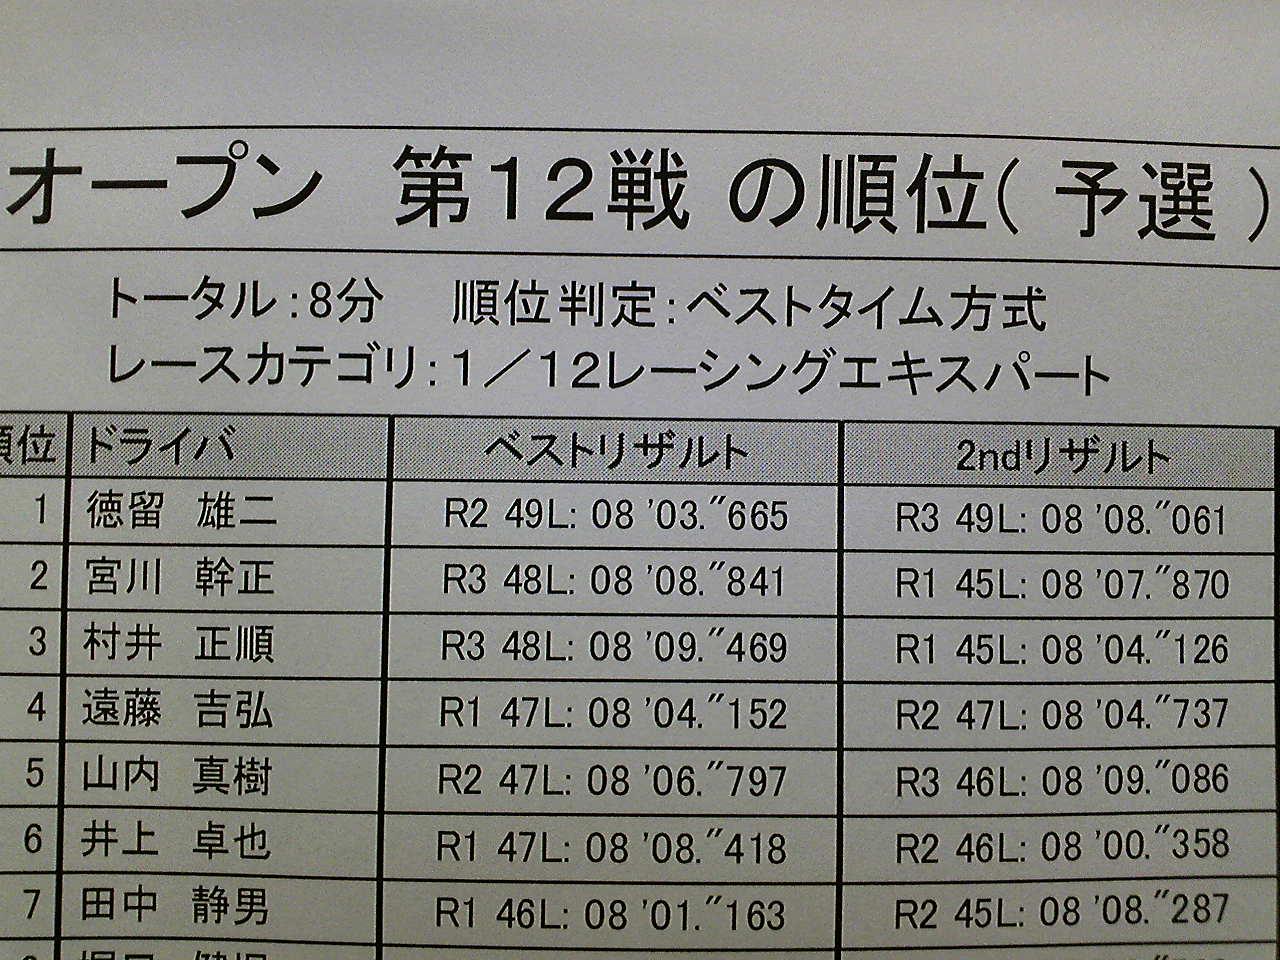 シルバーストーン・シリーズ戦 最終戦 村井正順_e0166663_915437.jpg